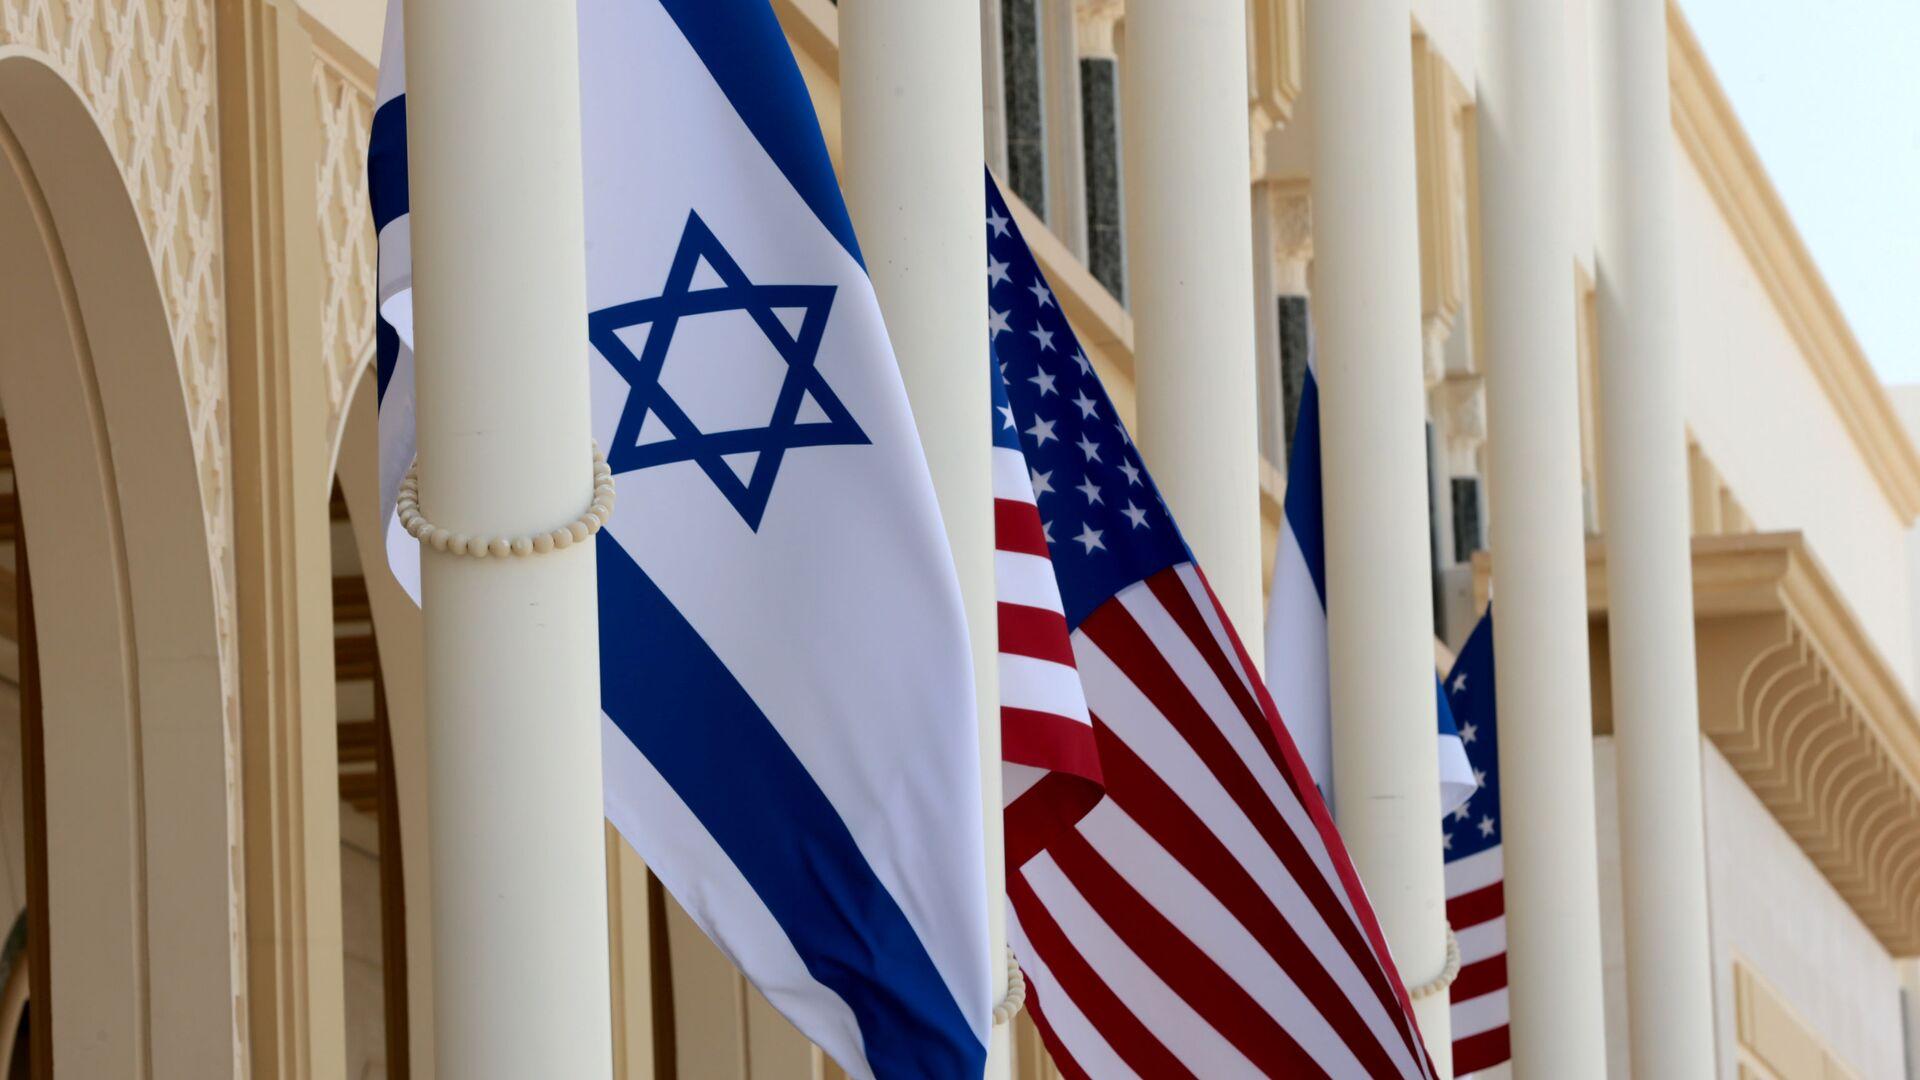 ABD ile İsrail bayrakları - Sputnik Türkiye, 1920, 15.09.2021